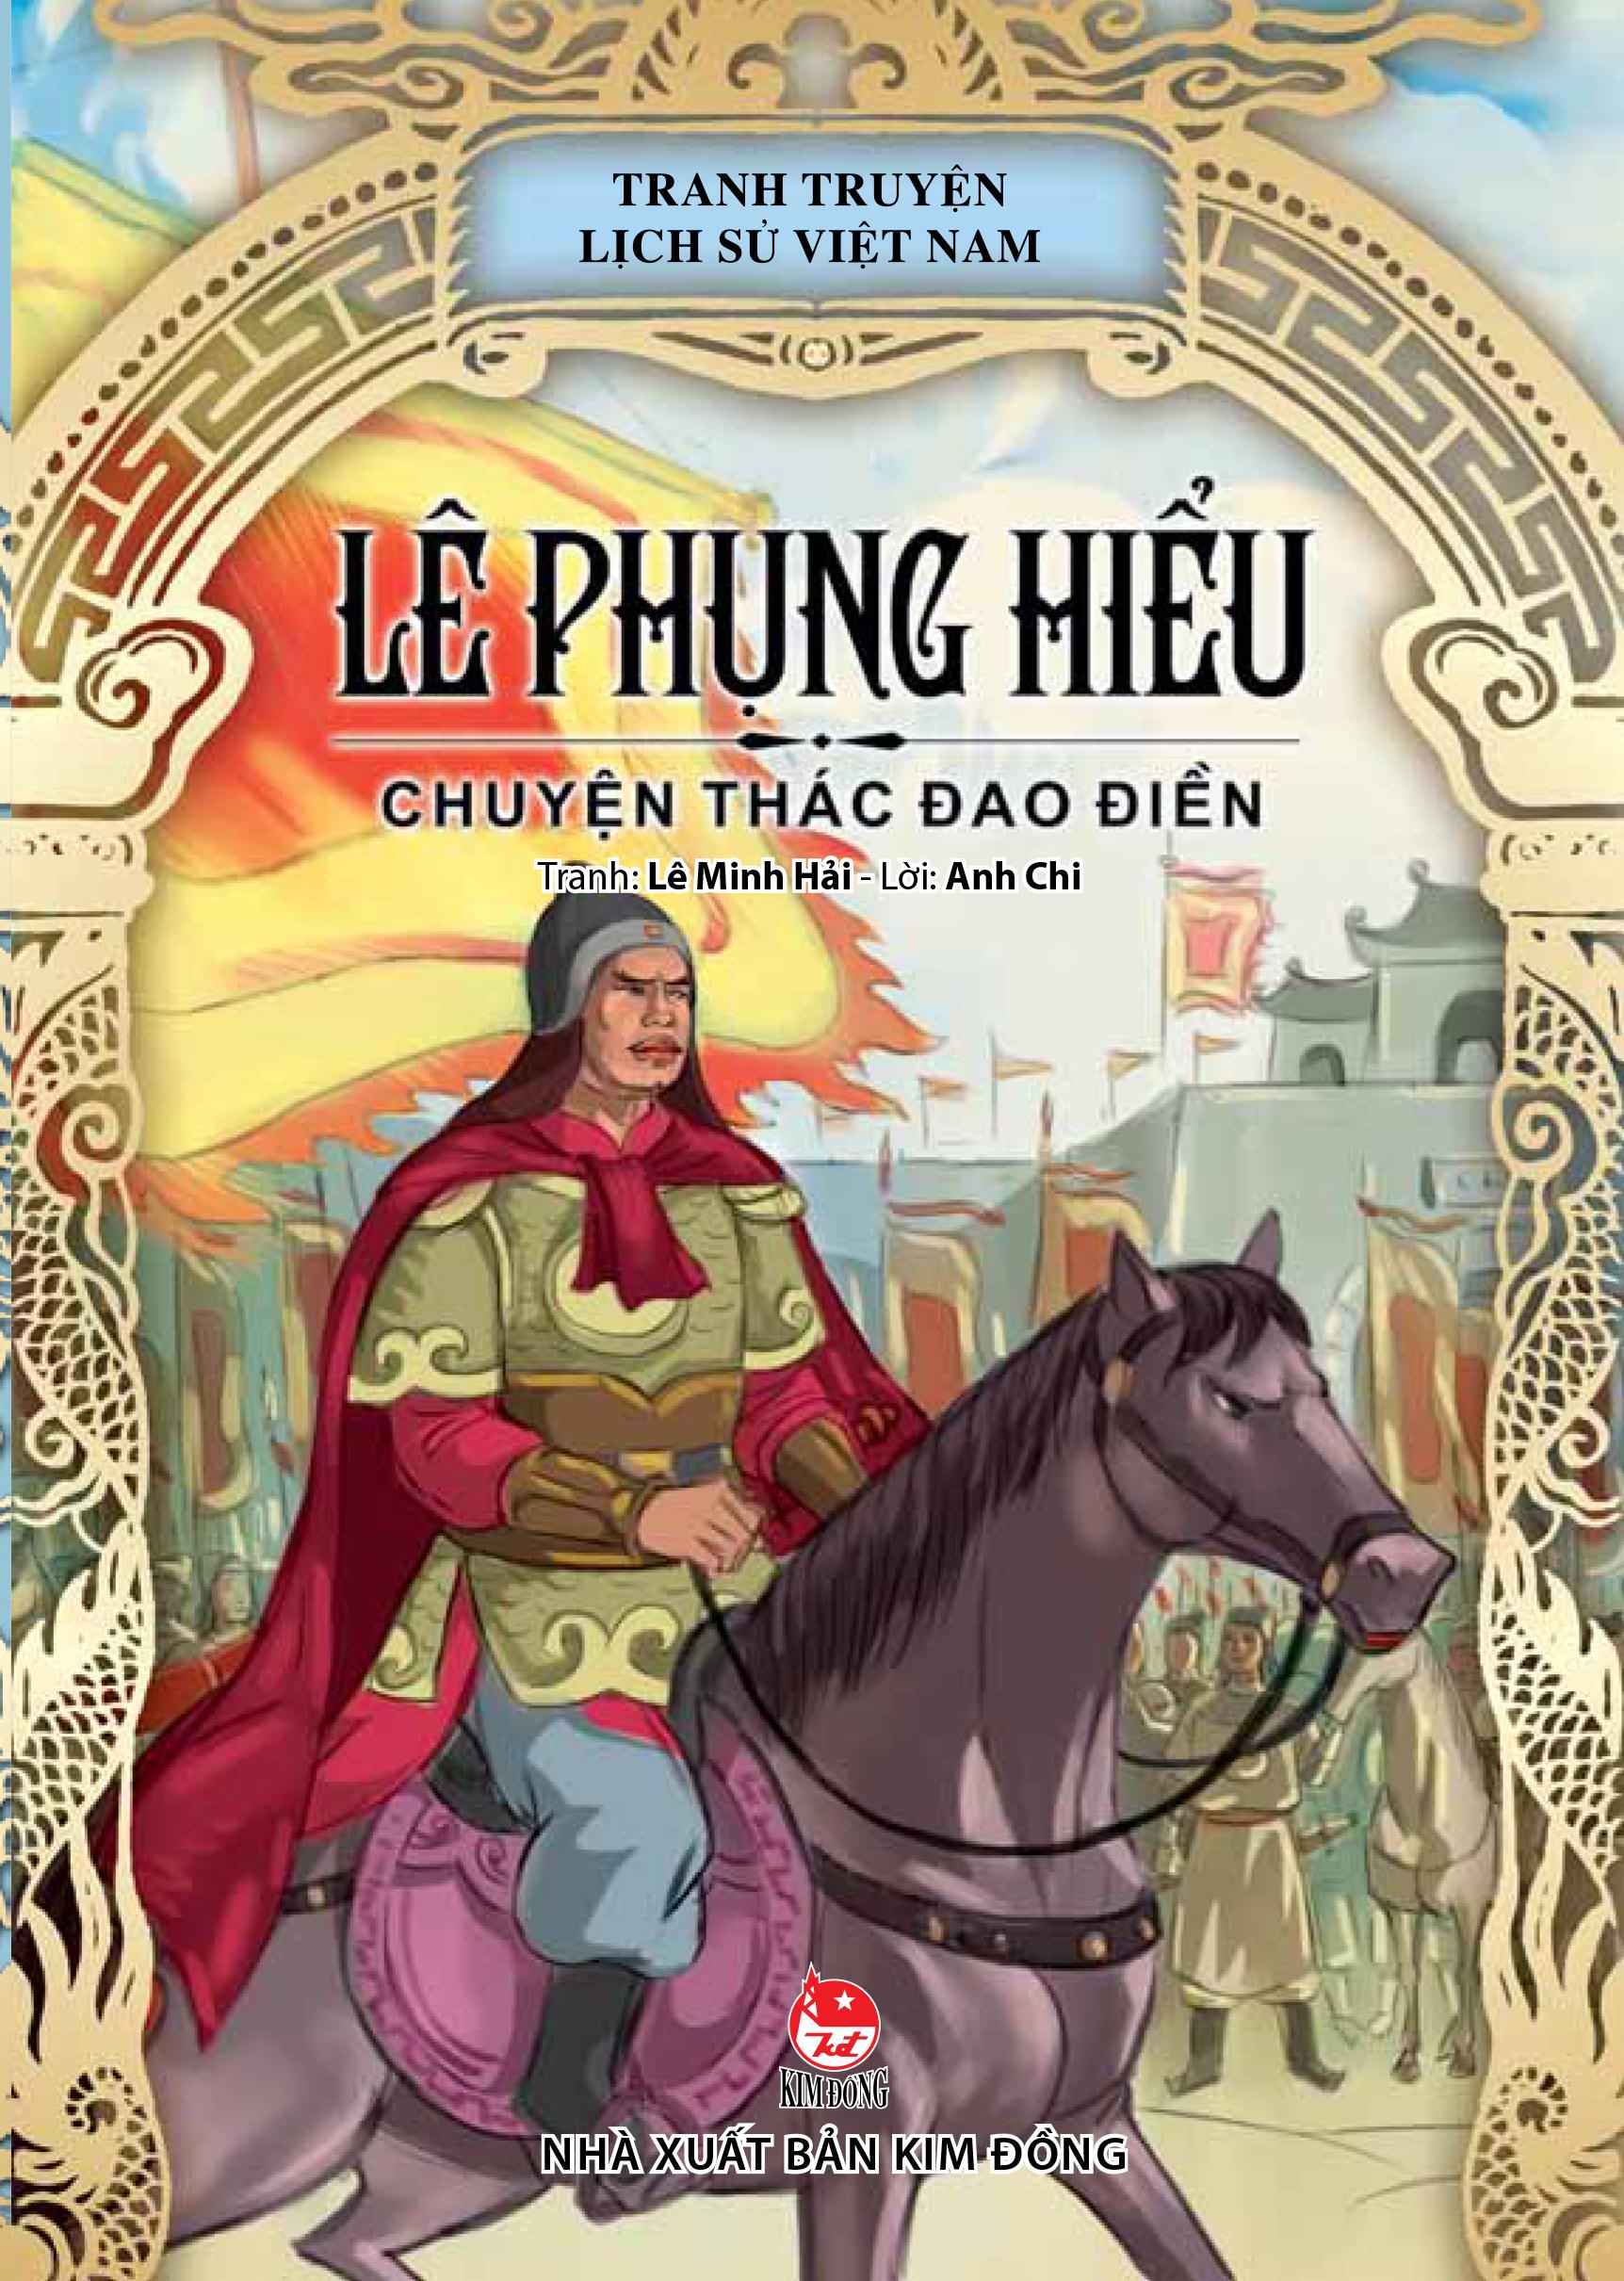 Bìa sách Truyện Tranh Lịch Sử Việt Nam - Lê Phụng Hiểu - Chuyện Thác Đao Điền